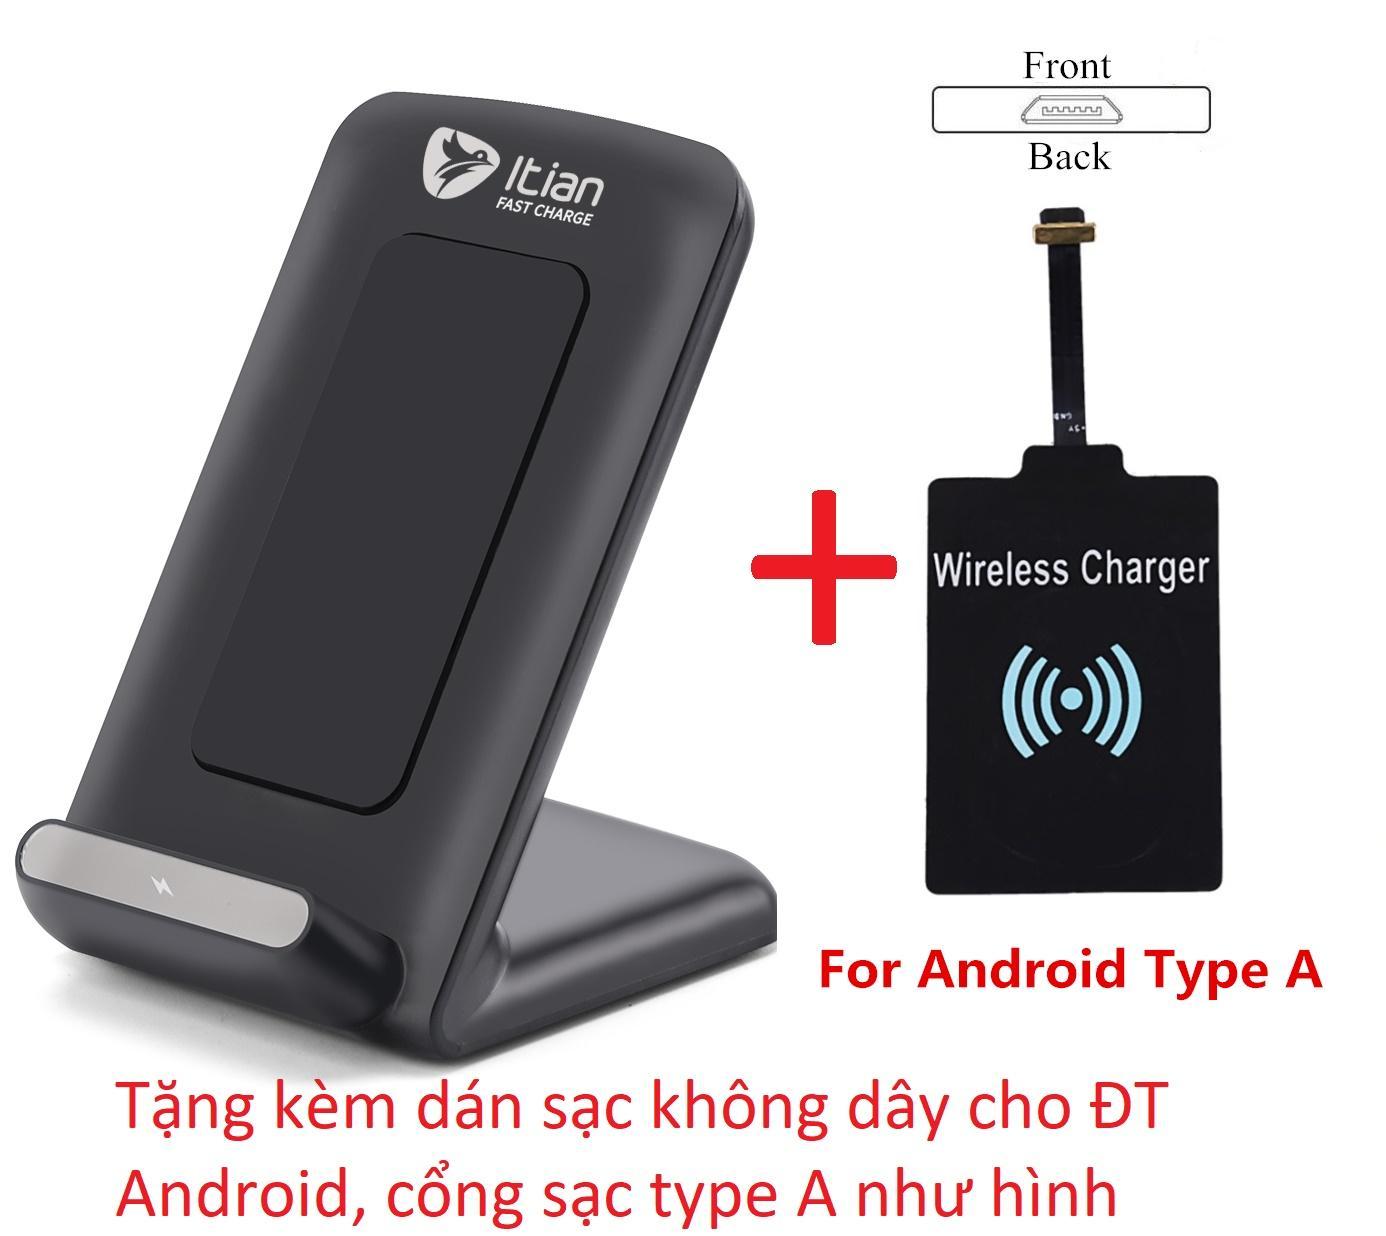 Bán Đế Sạc Nhanh Fastcharge Khong Day Cho Samsung S6 S7 S8 Iphone8 Iphonex Qi Itian A18 10W Đen Tặng Kem Dan Sạc Khong Day Android Itian Trong Hồ Chí Minh